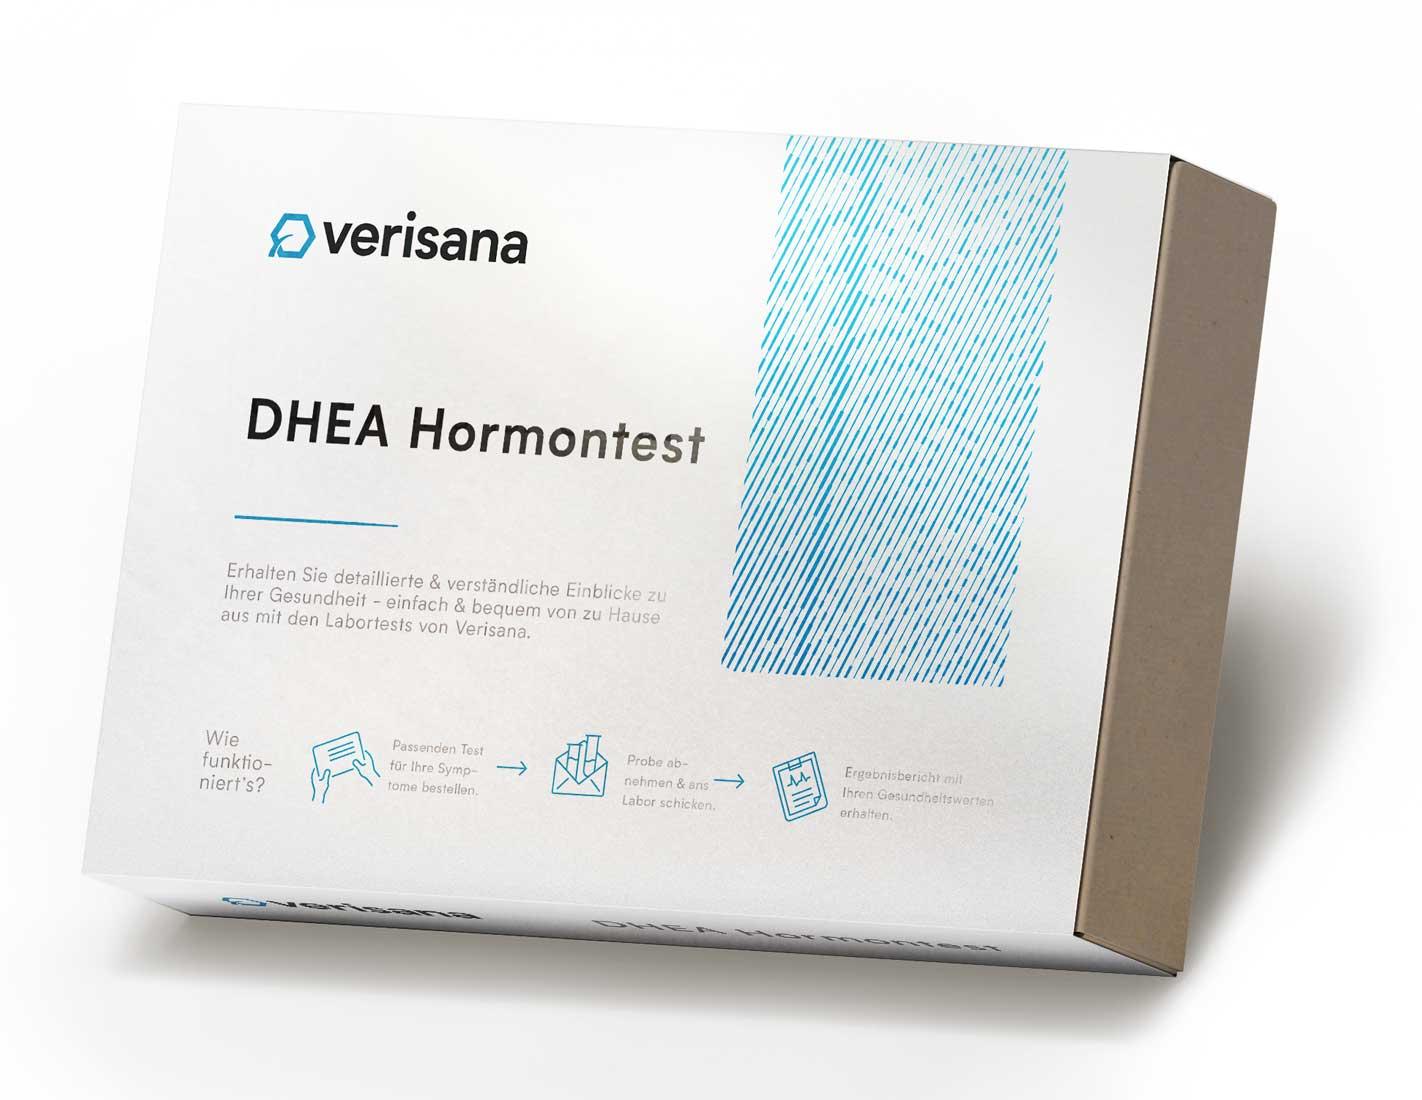 DHEA Speicheltest zur Testung für ein Hormon